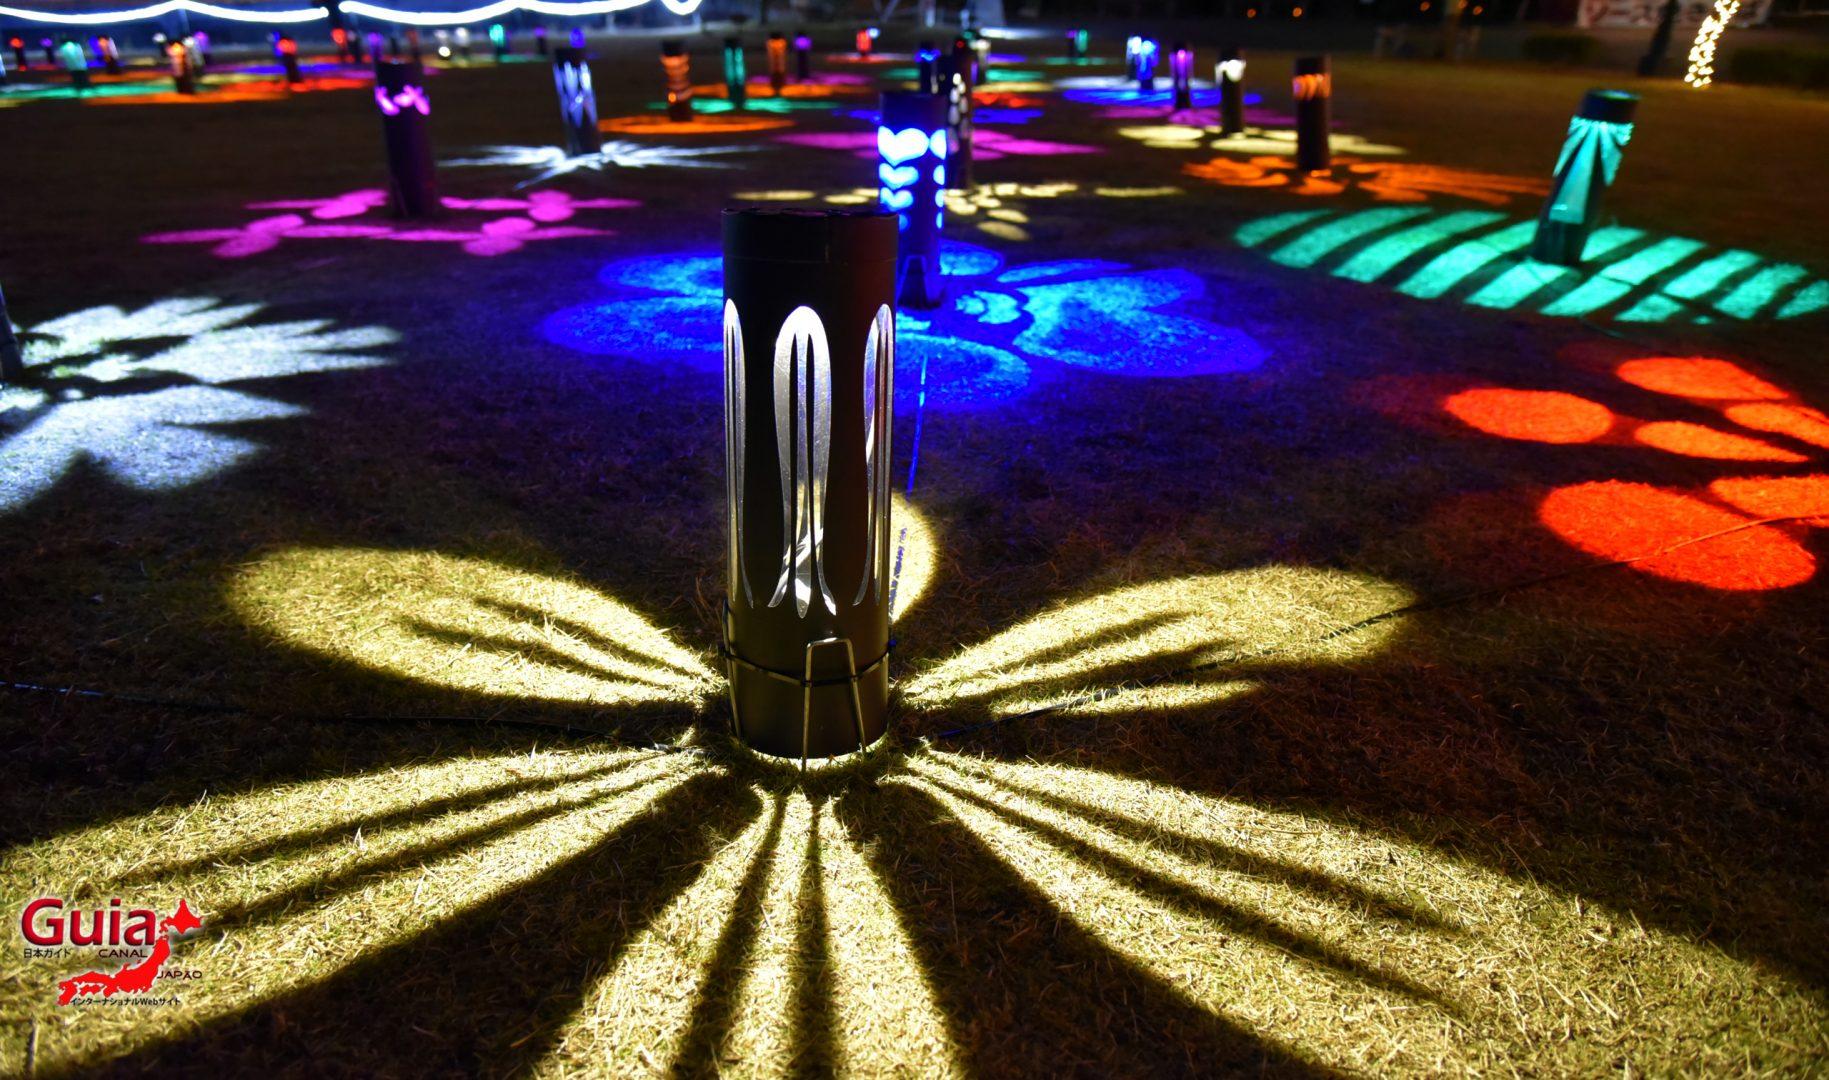 Мэйжи-Мура музей - Баярын гэрэлтүүлэг 28